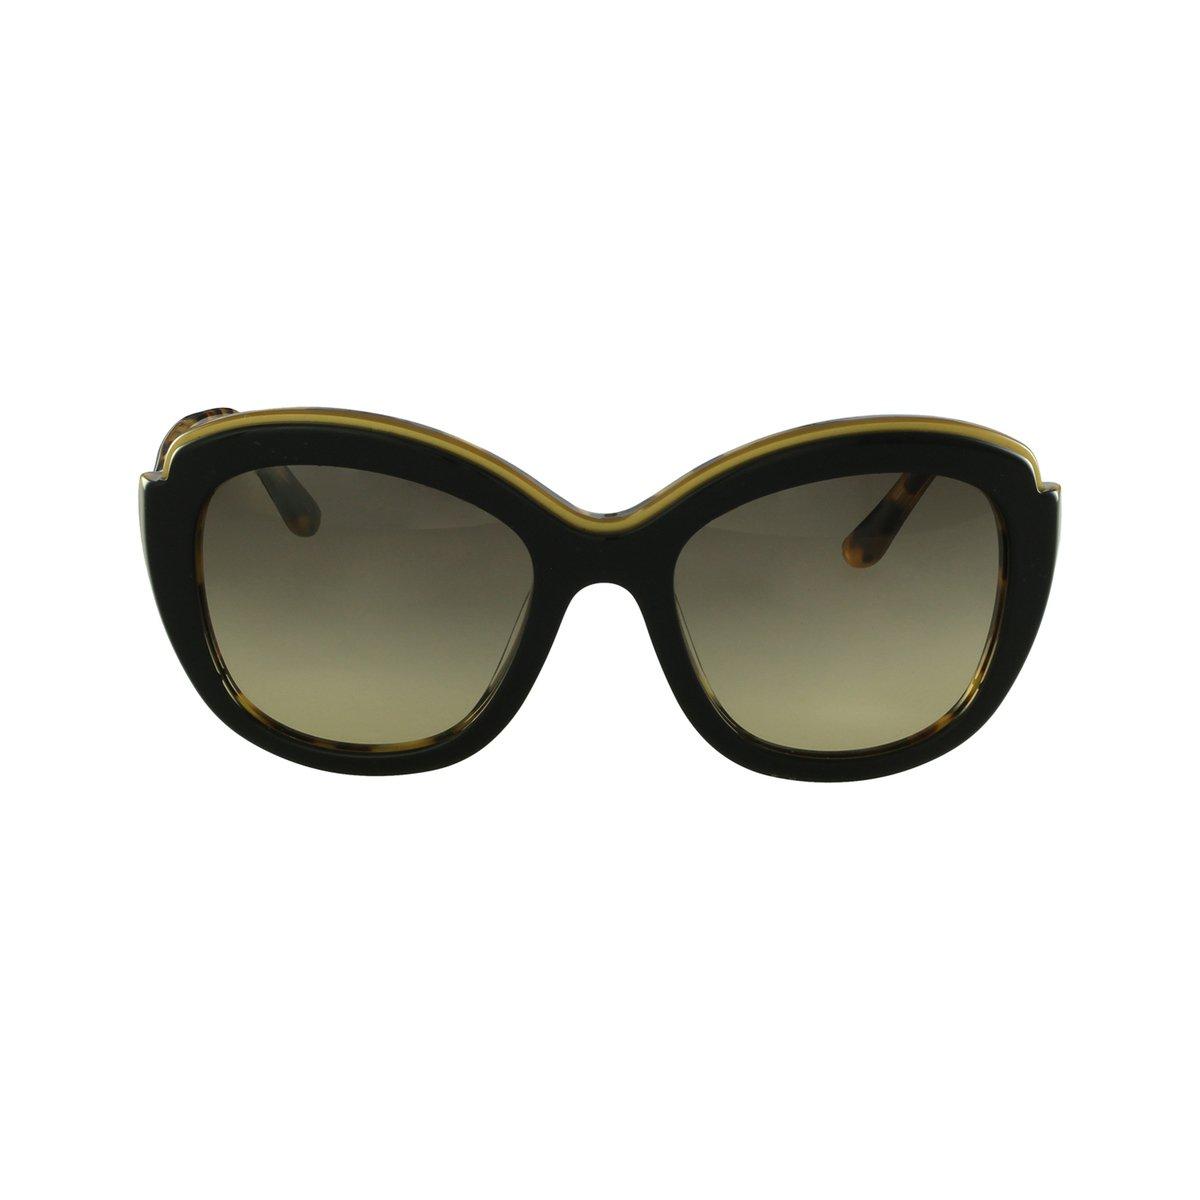 44bc2ffdf Óculos de Sol Salvatore Ferragamo Fashion Preto - Compre Agora | Zattini